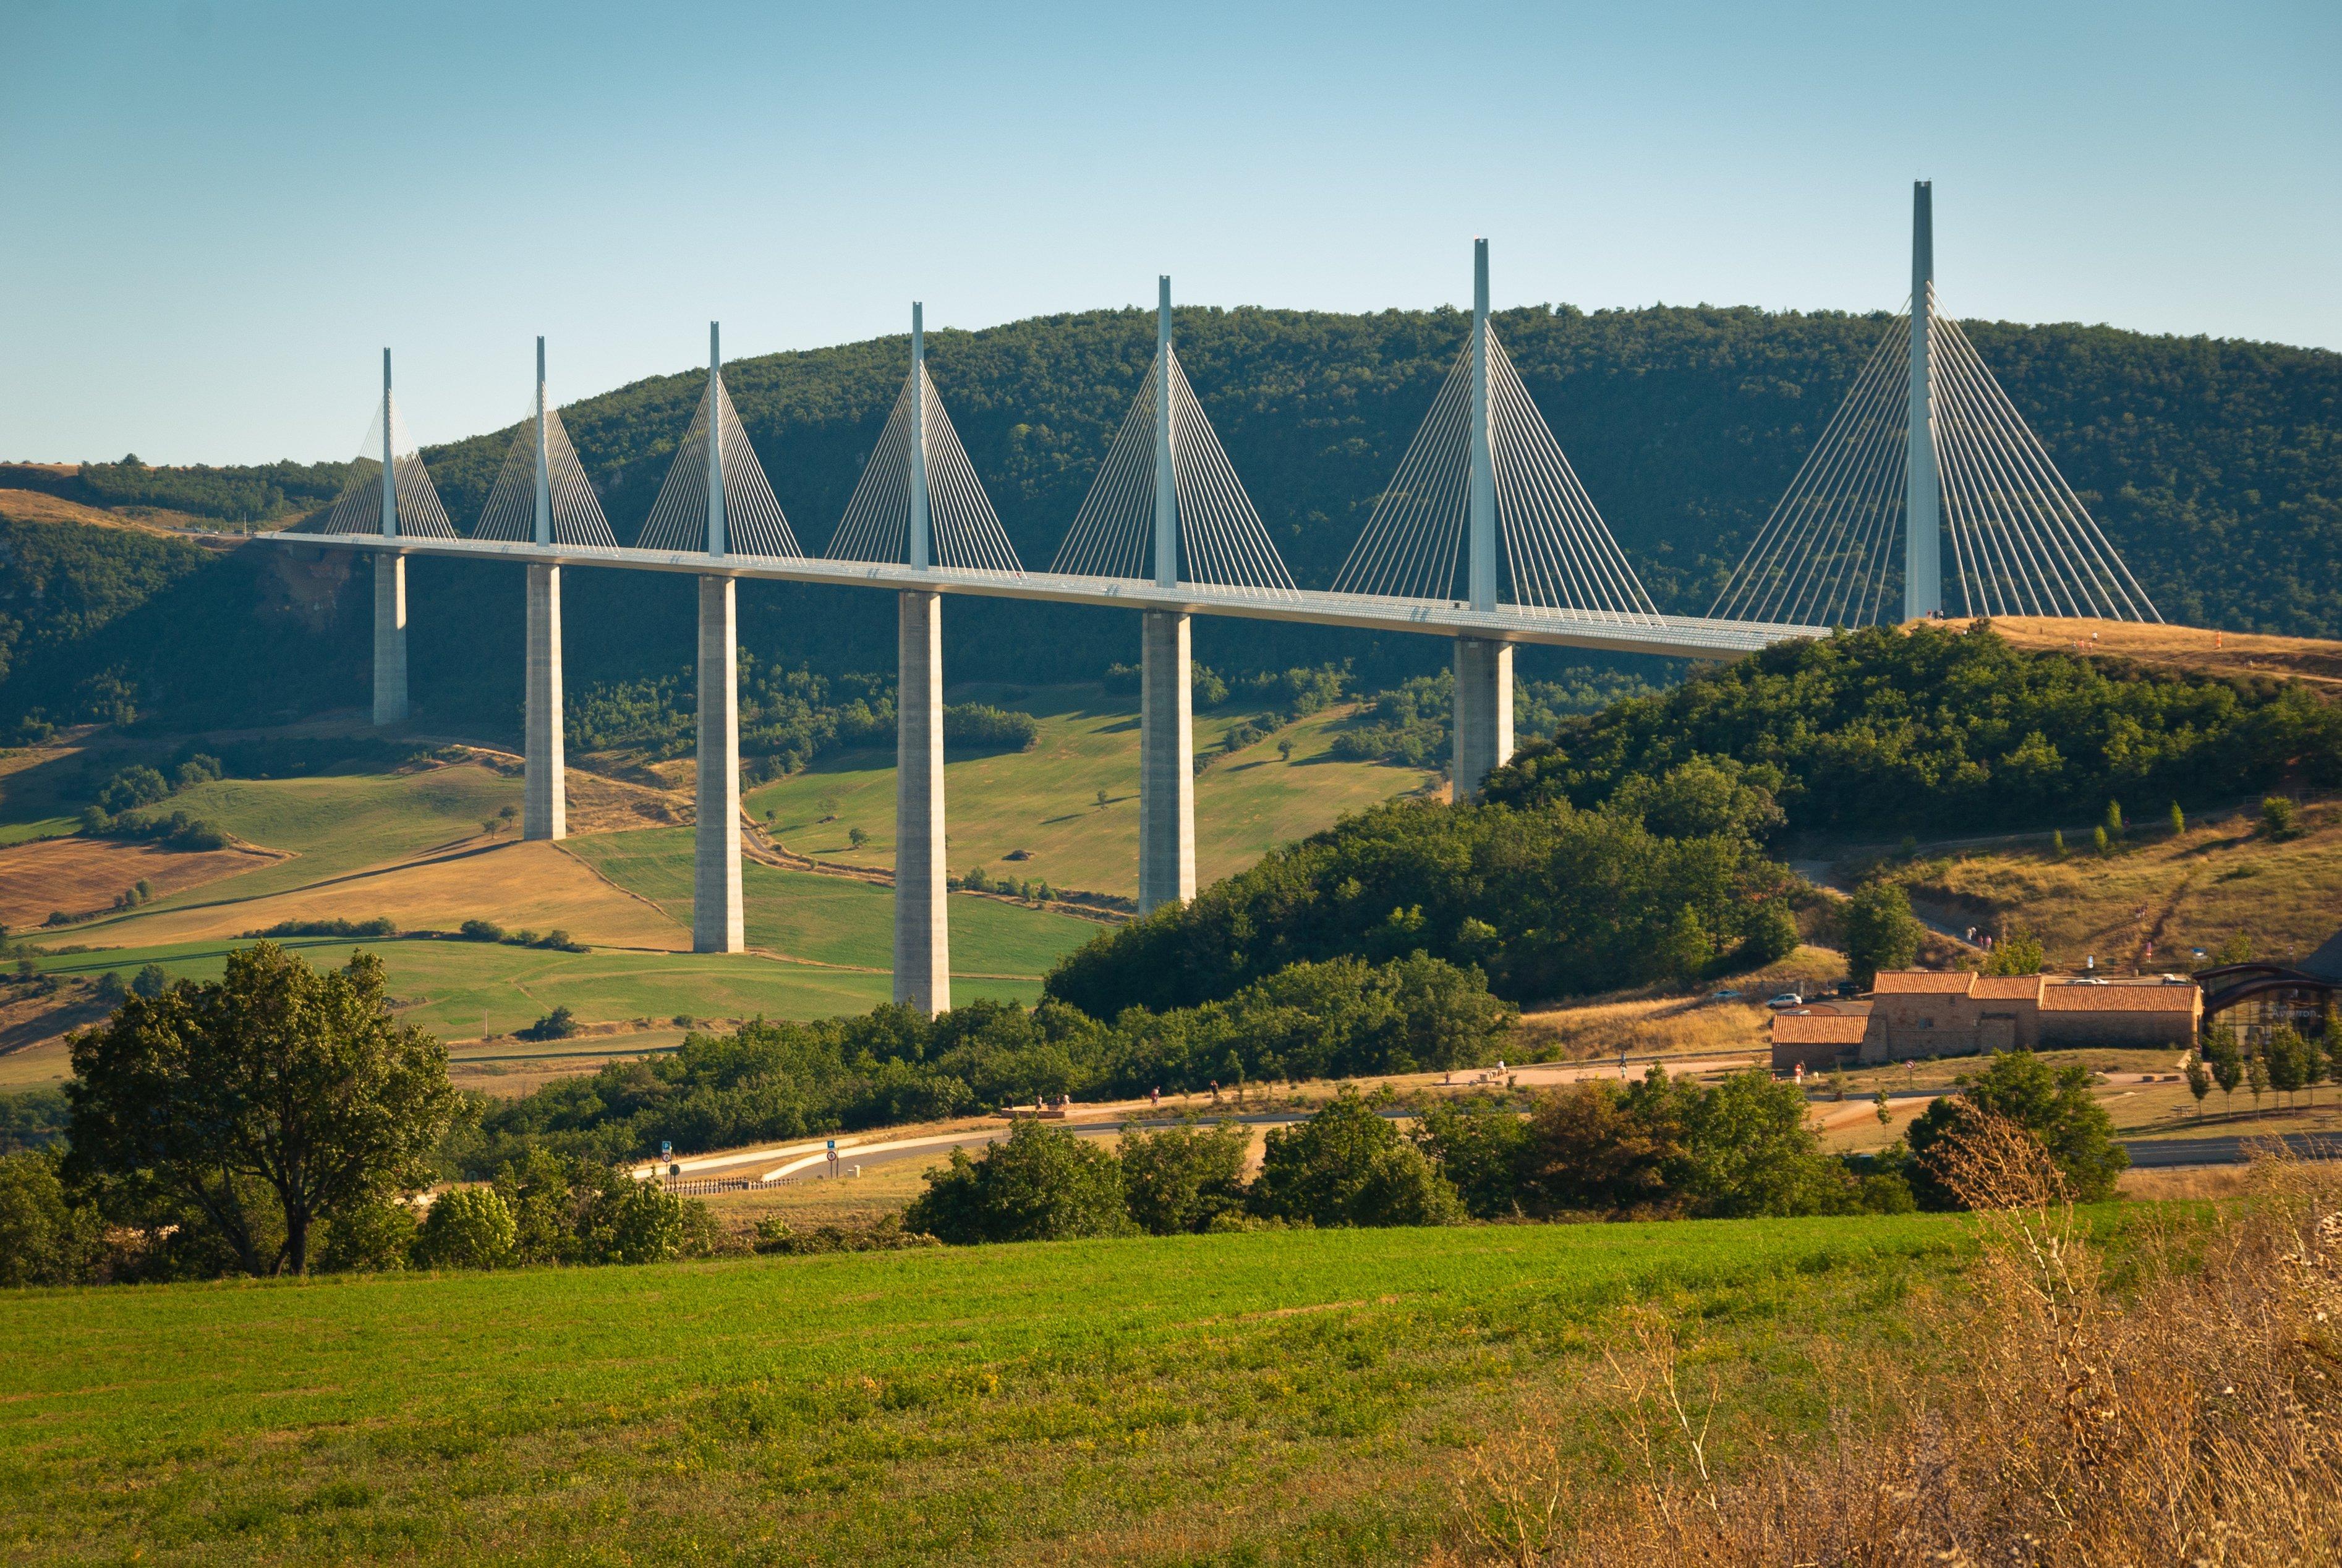 08 - Puente viaducto de Millau-Francia_shutterstock_1353097409_imagen3